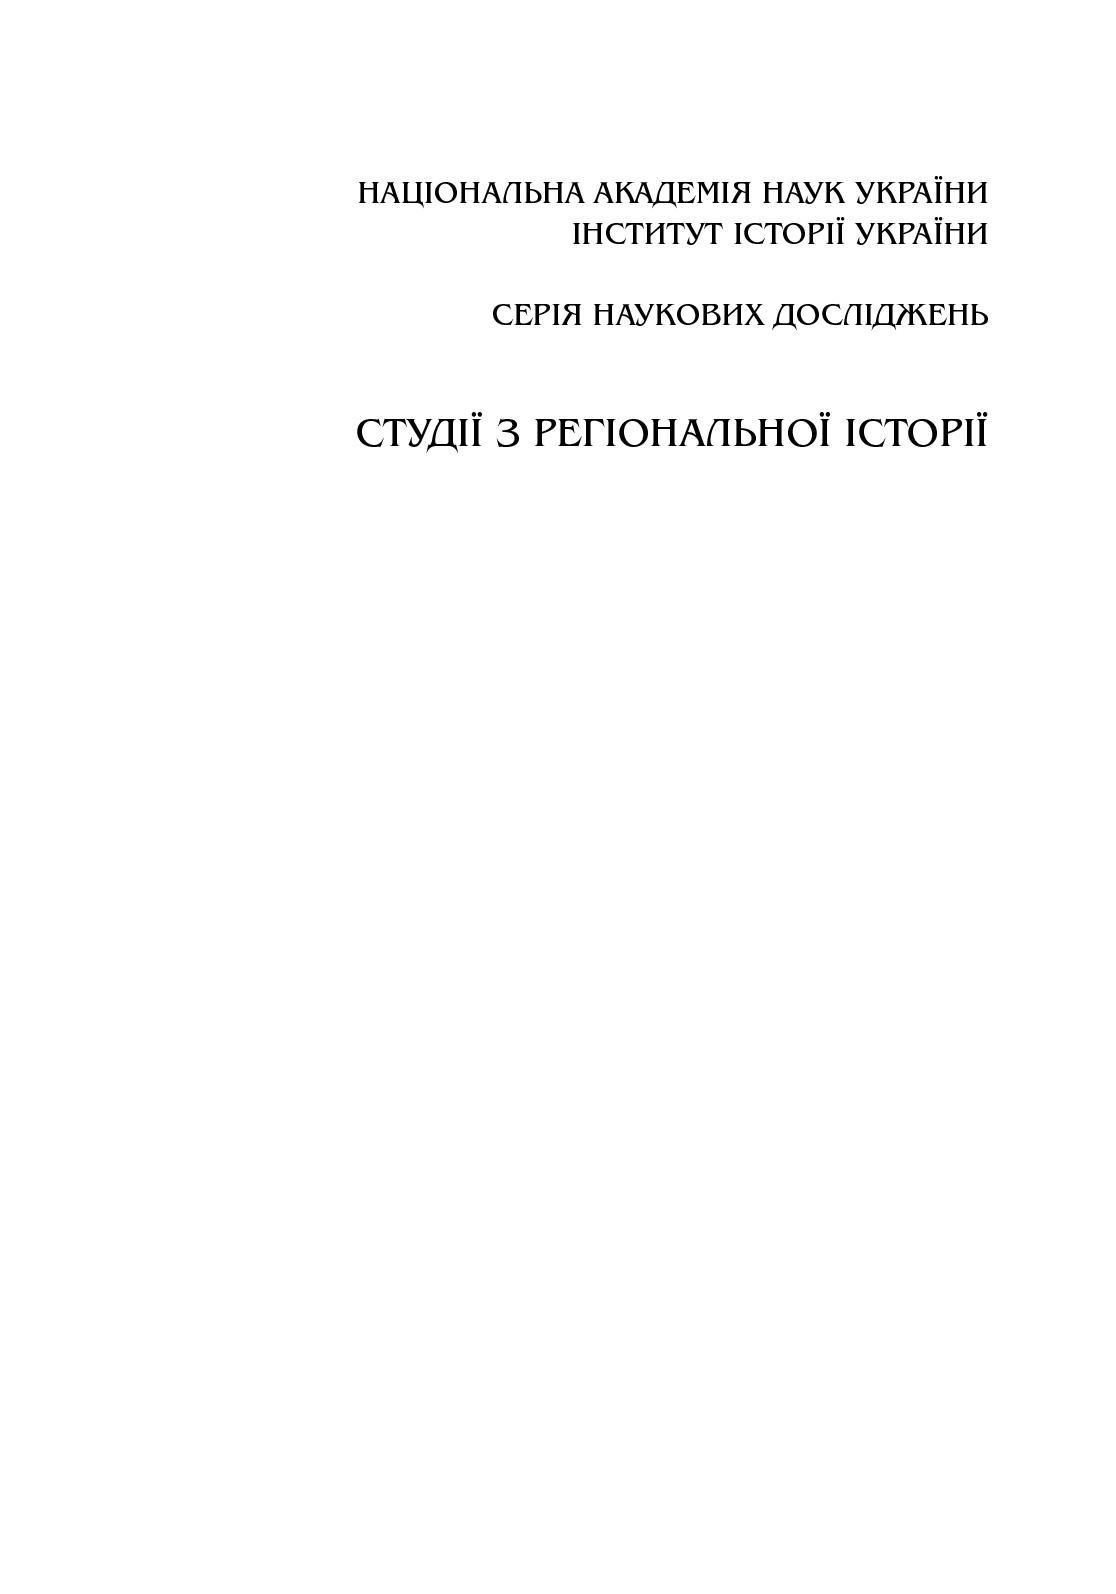 Calaméo - Смолій В. Схід і Південь України  час 2490e4c36e5c6